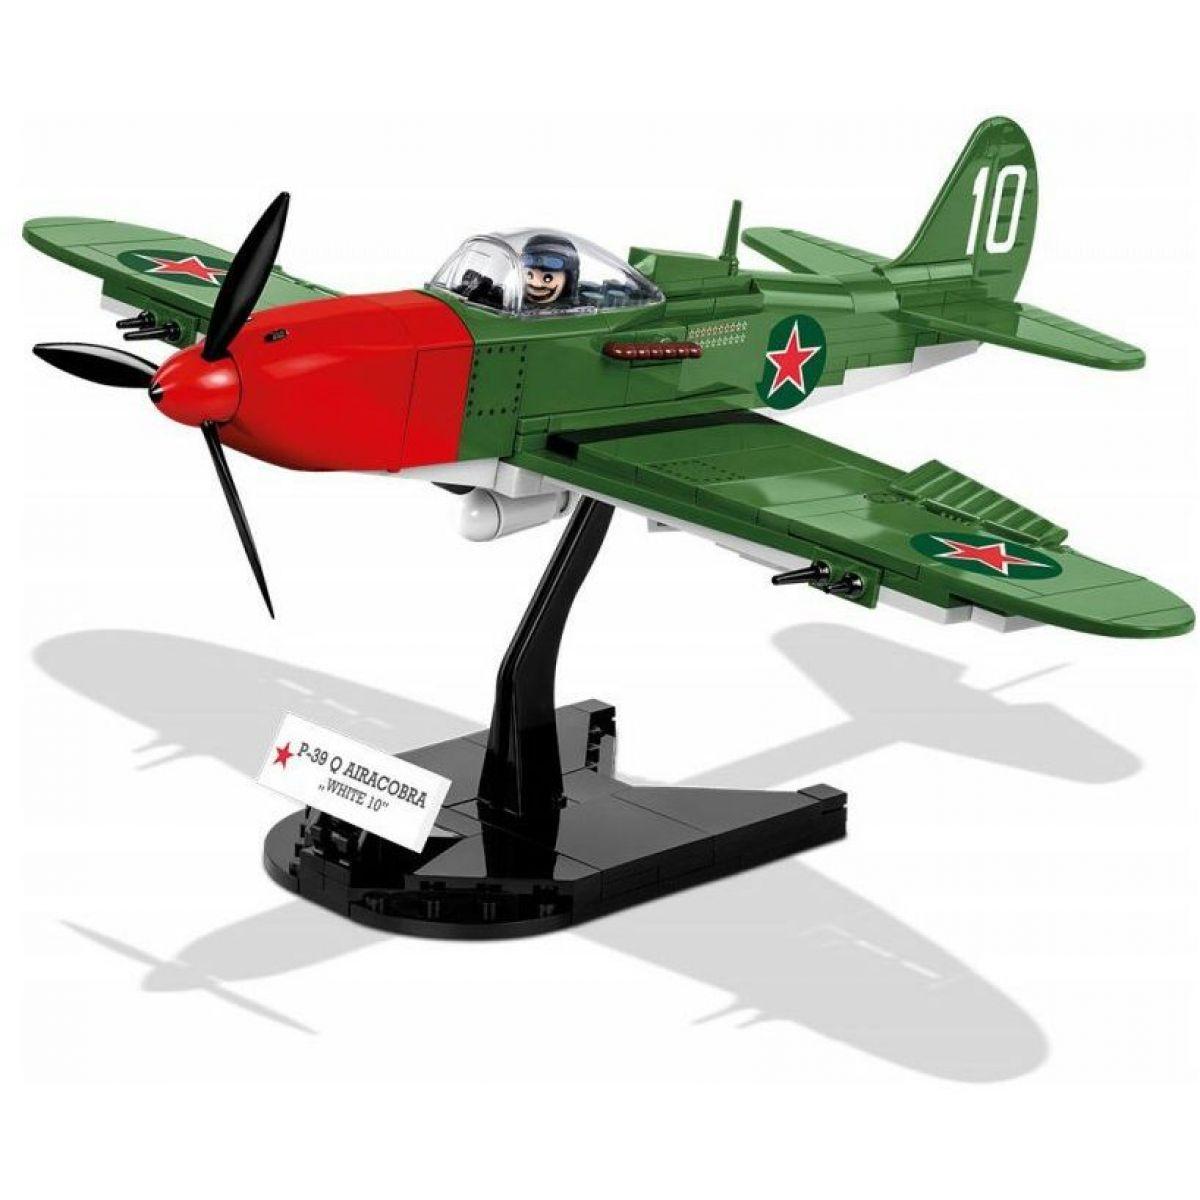 Cobi 5547 Malá armáda II. světová válka P-39 Aircobra white 10